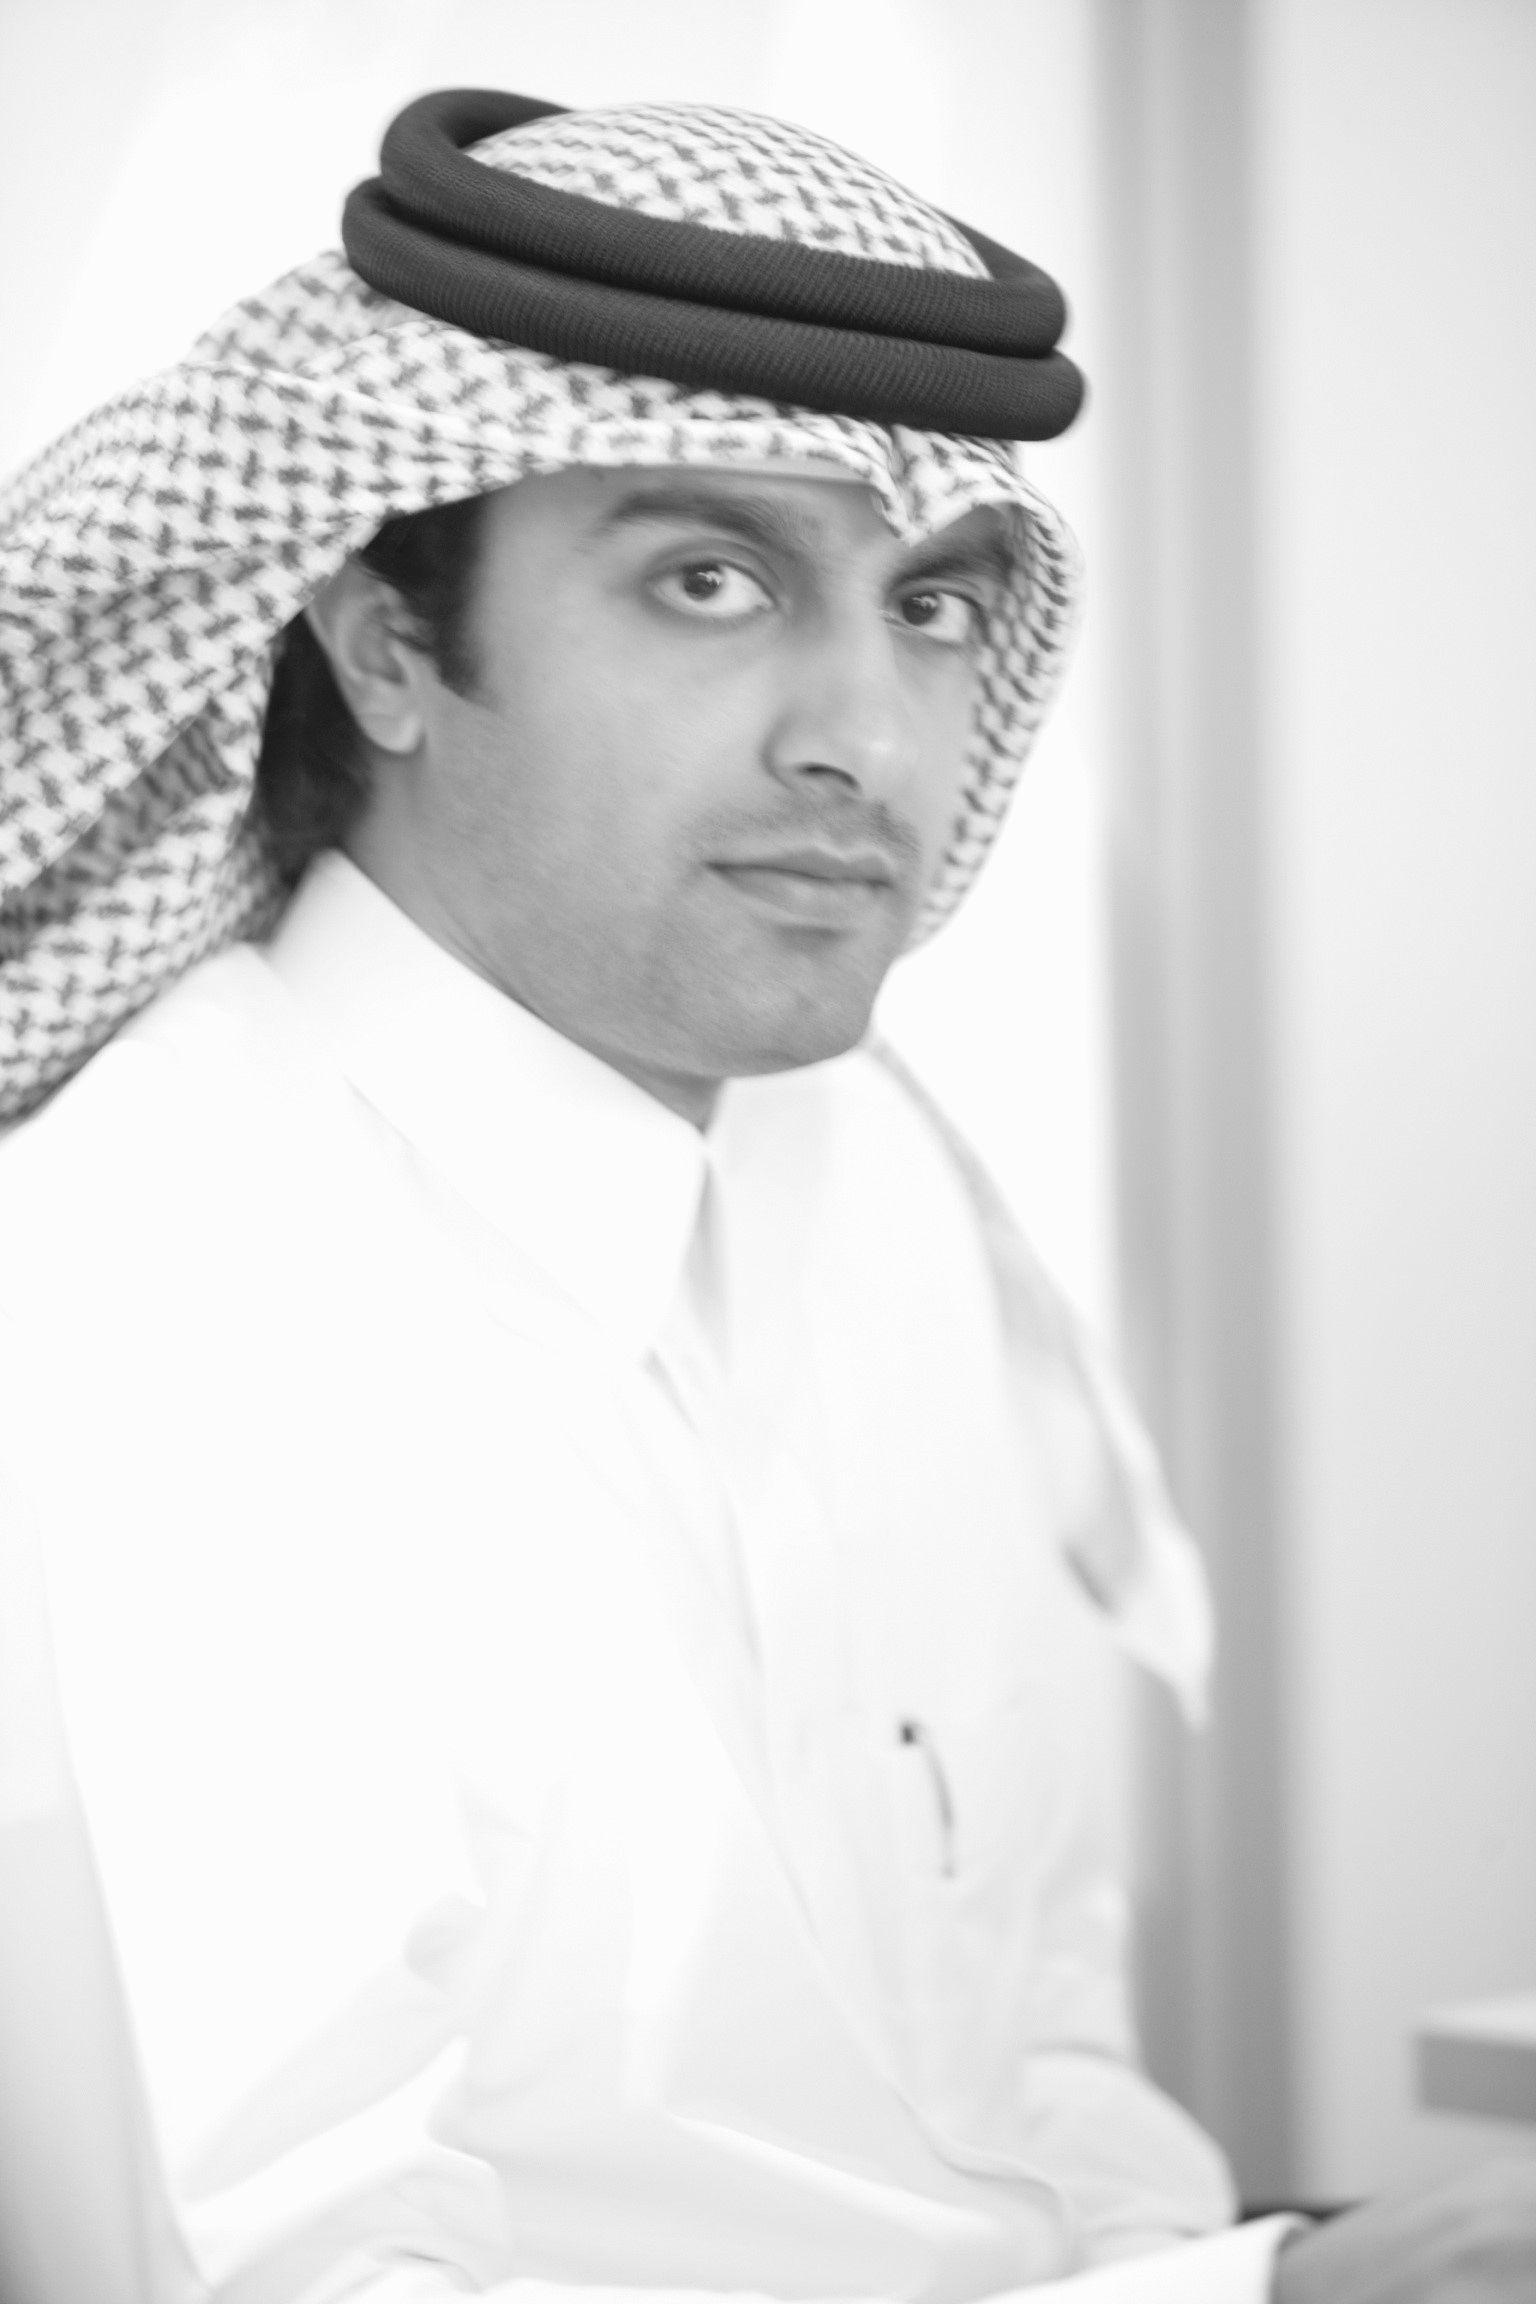 أحمد بن سالم اليافعي Headshot